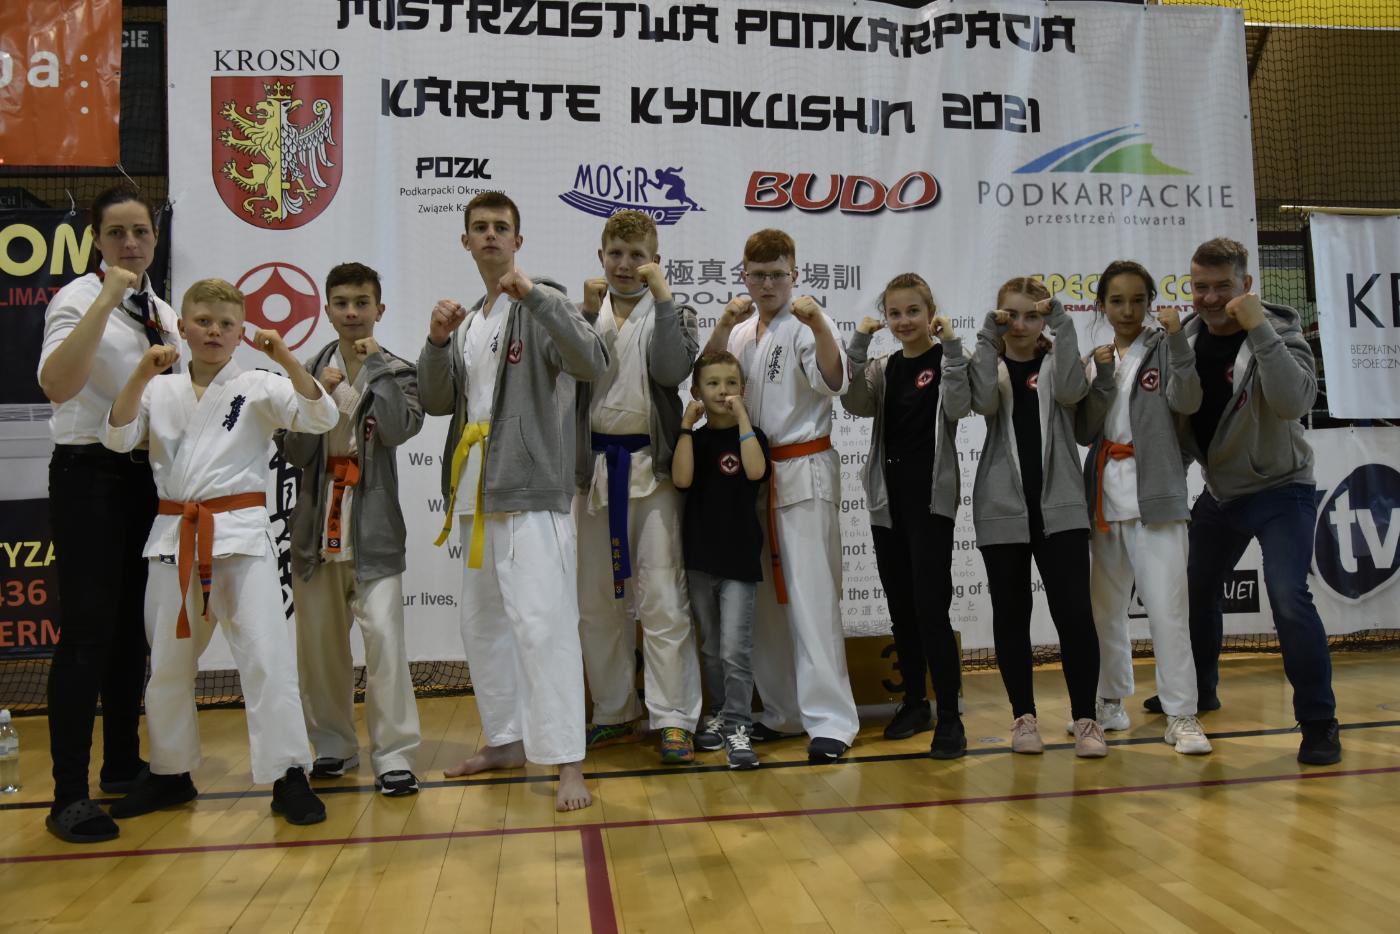 UKS Karate Kyokushin Kumite Niebieszczany na Mistrzostwach Podkarpacia Dzieci i Młodzieży [ZDJĘCIA] - Zdjęcie główne